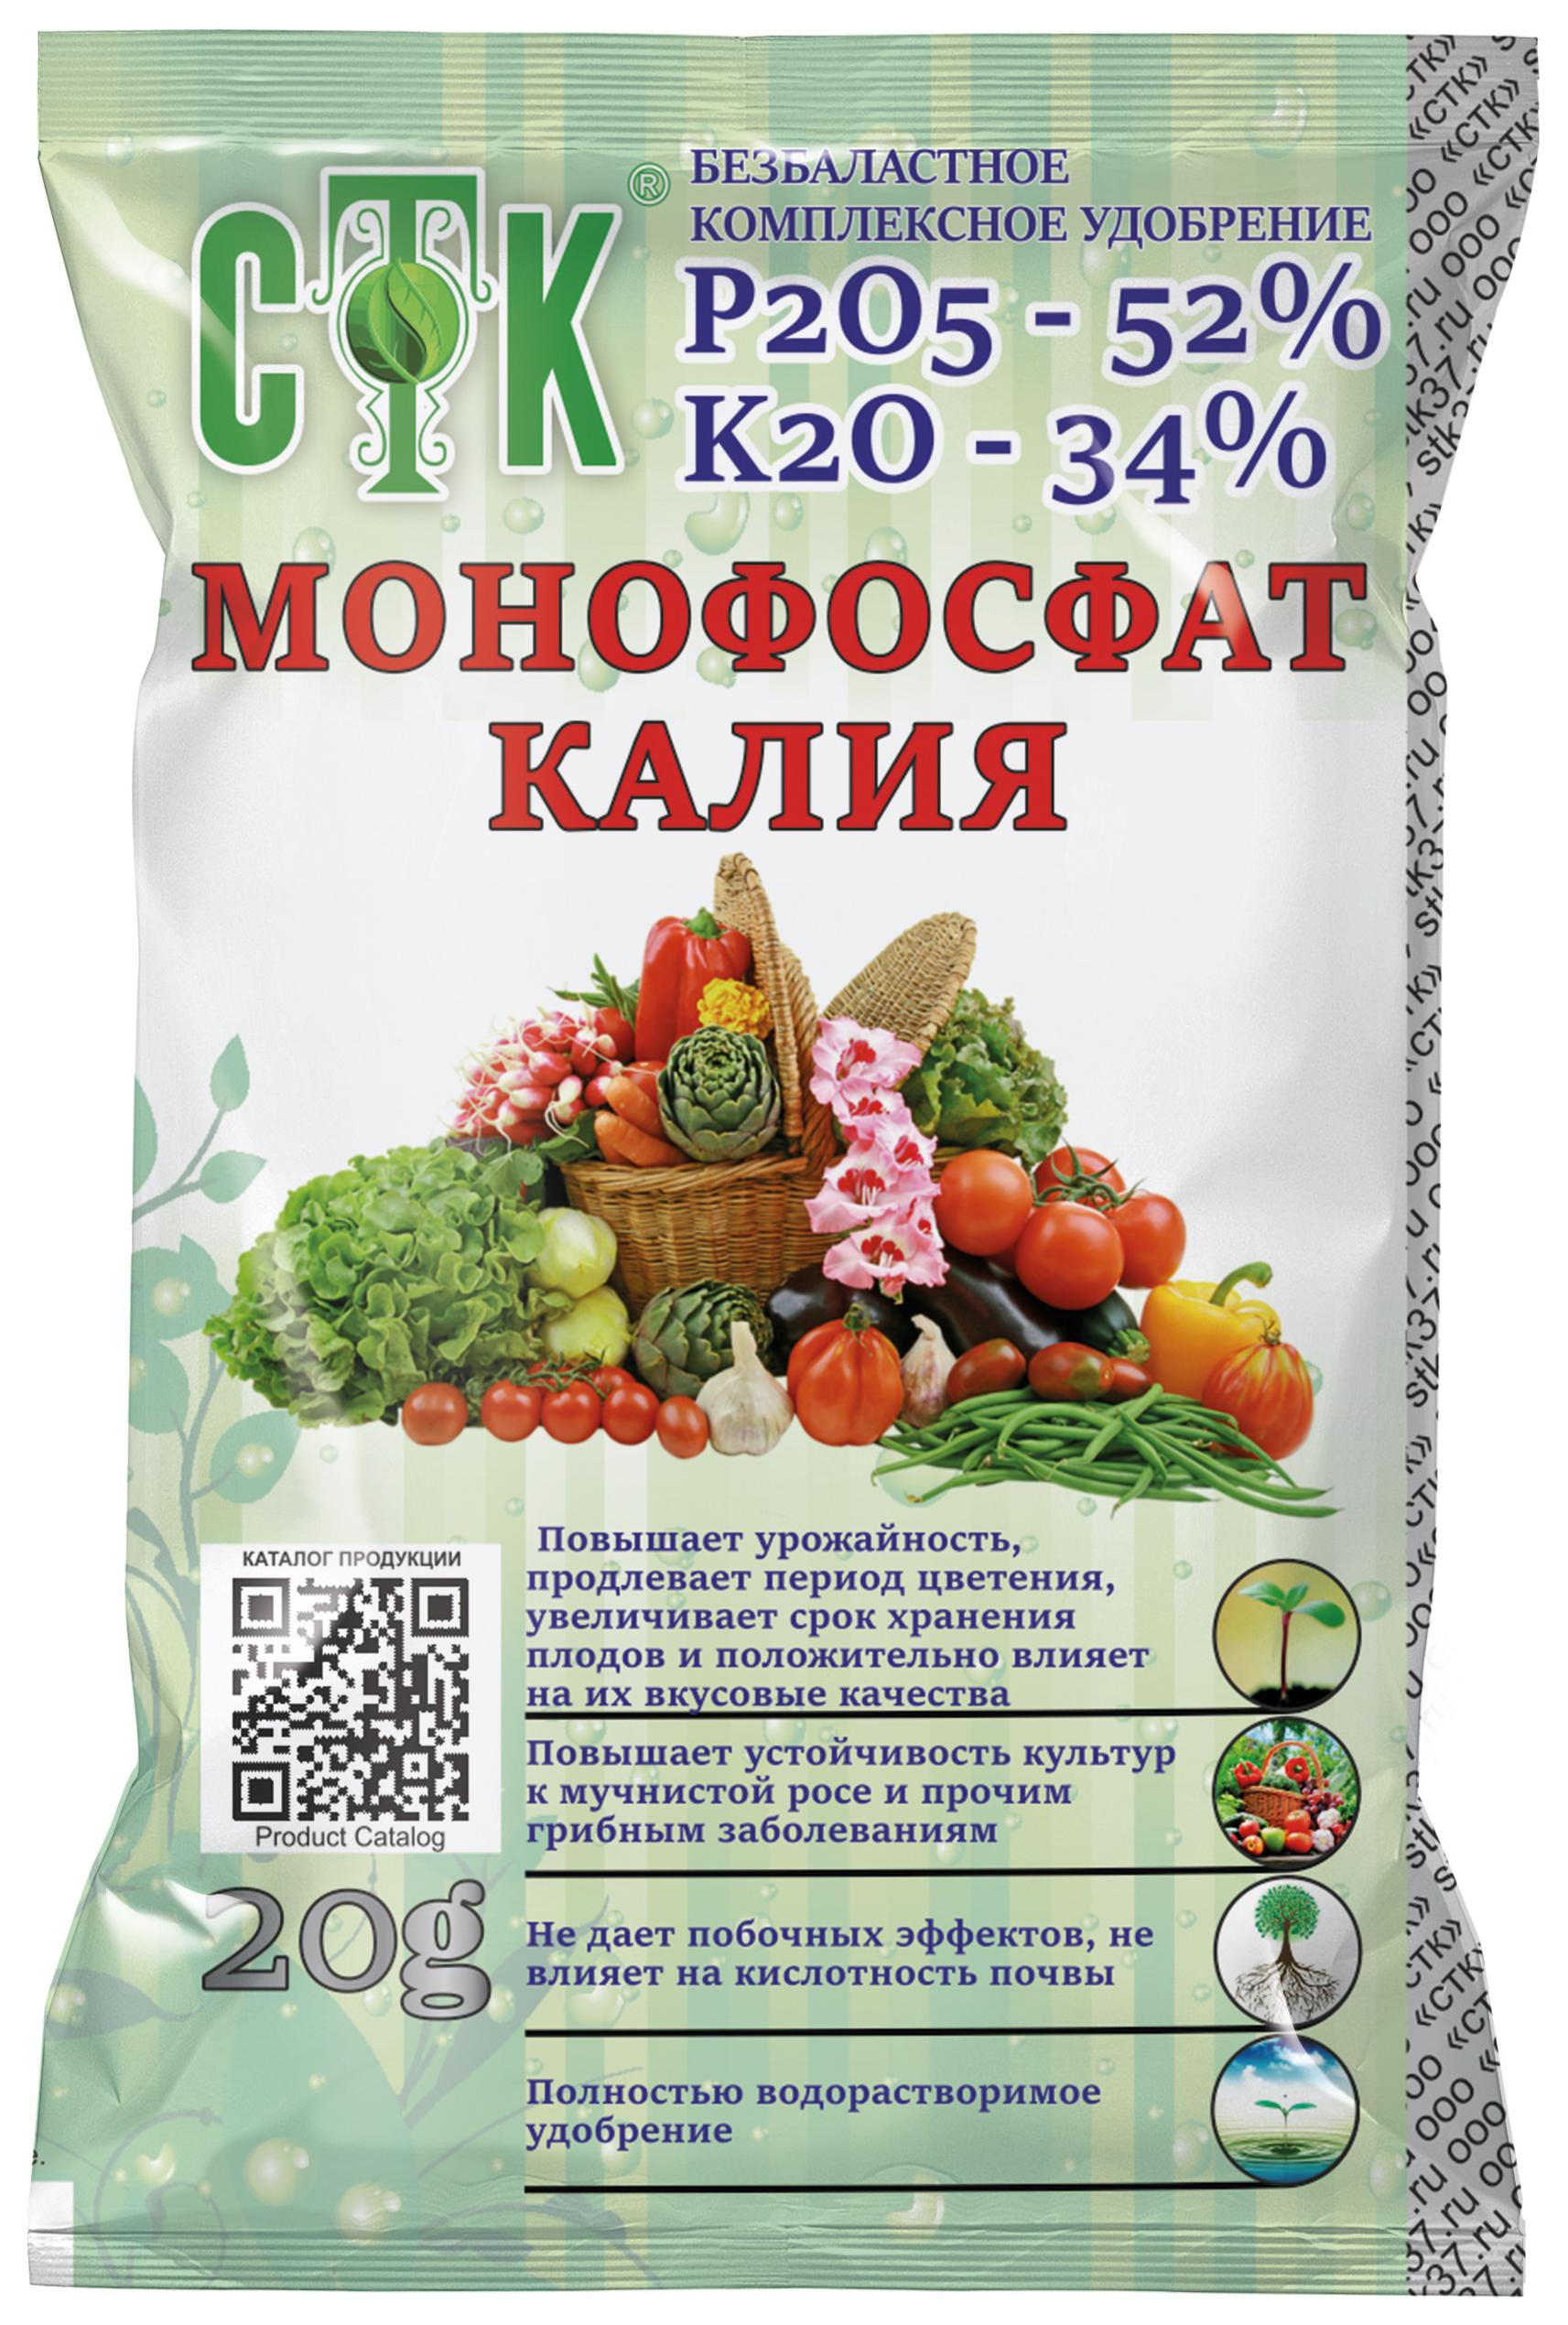 Монофосфат калия: как применять на даче для увеличения урожая, плюсы и минусы его использования на supersadovnik.ru